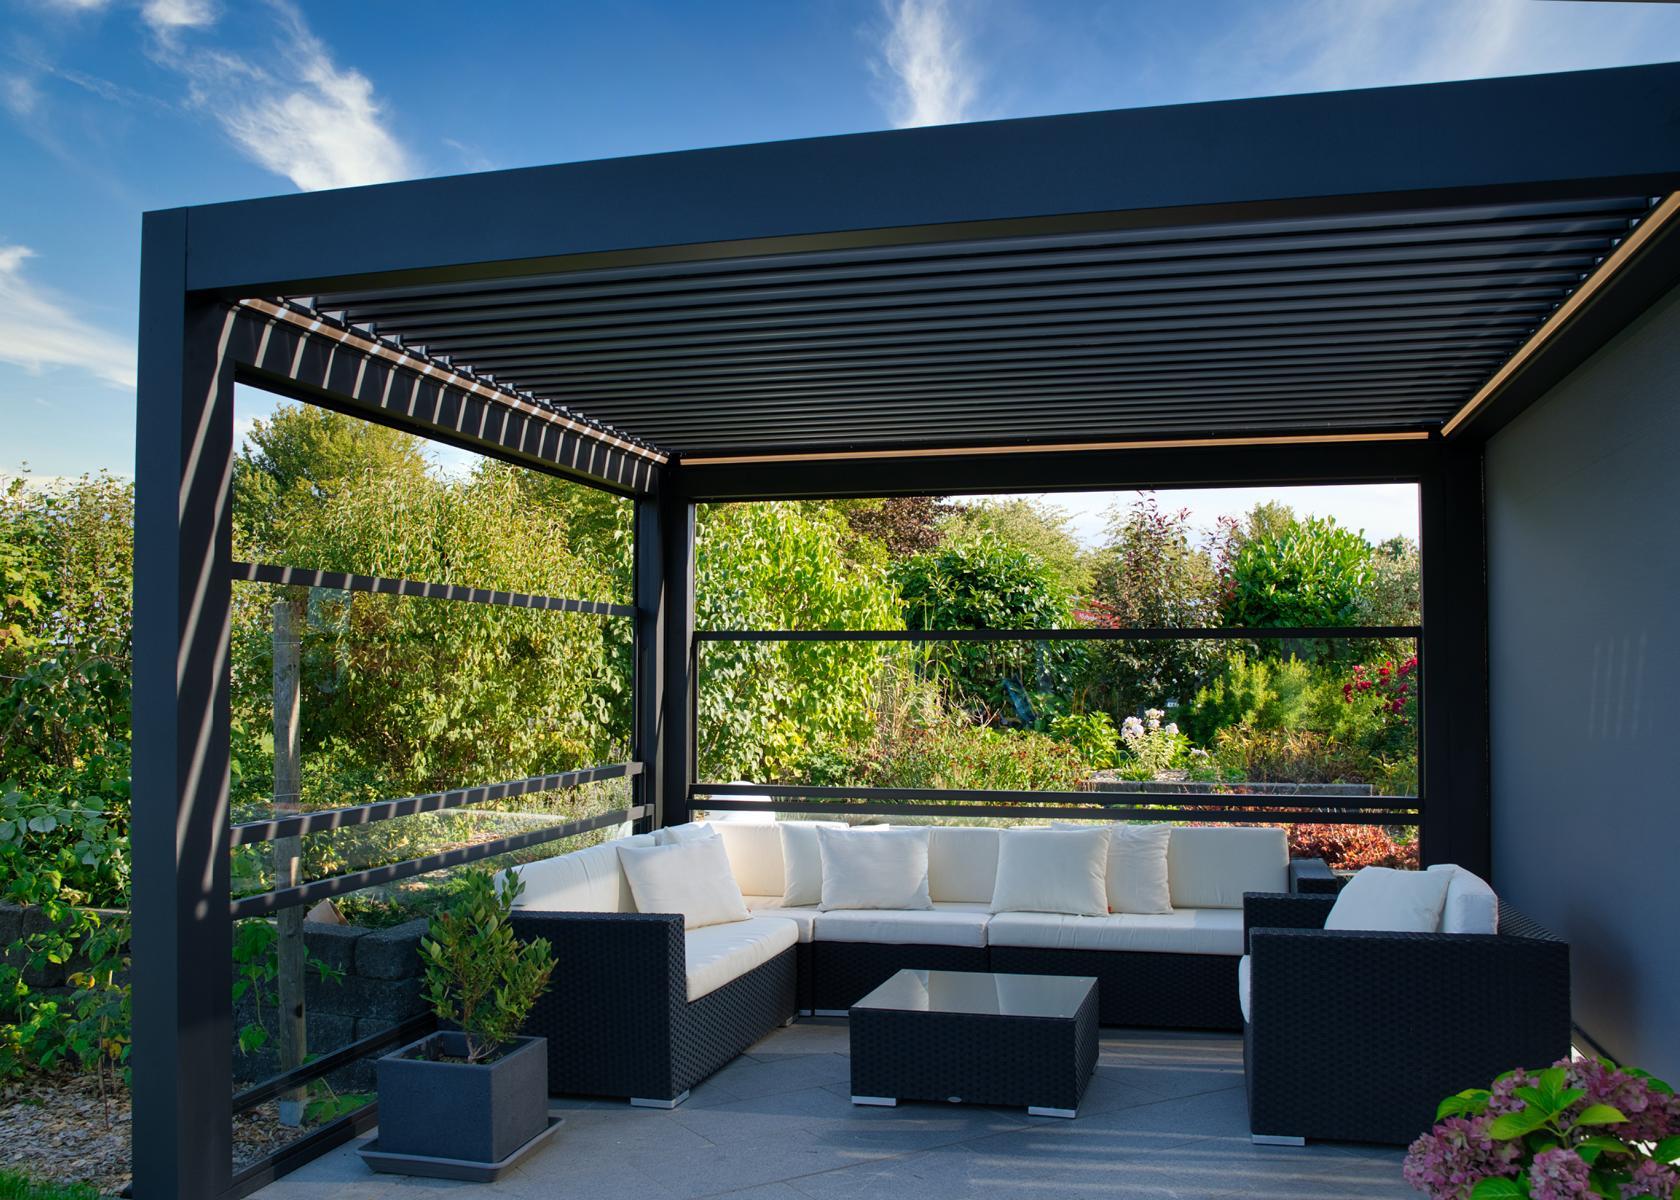 lamellendach skyroof palmiye terrassenueberdachung privat 82springe .JPG - Referenz Projekt - Geschützter Terrassenplatz für schöne Stunden